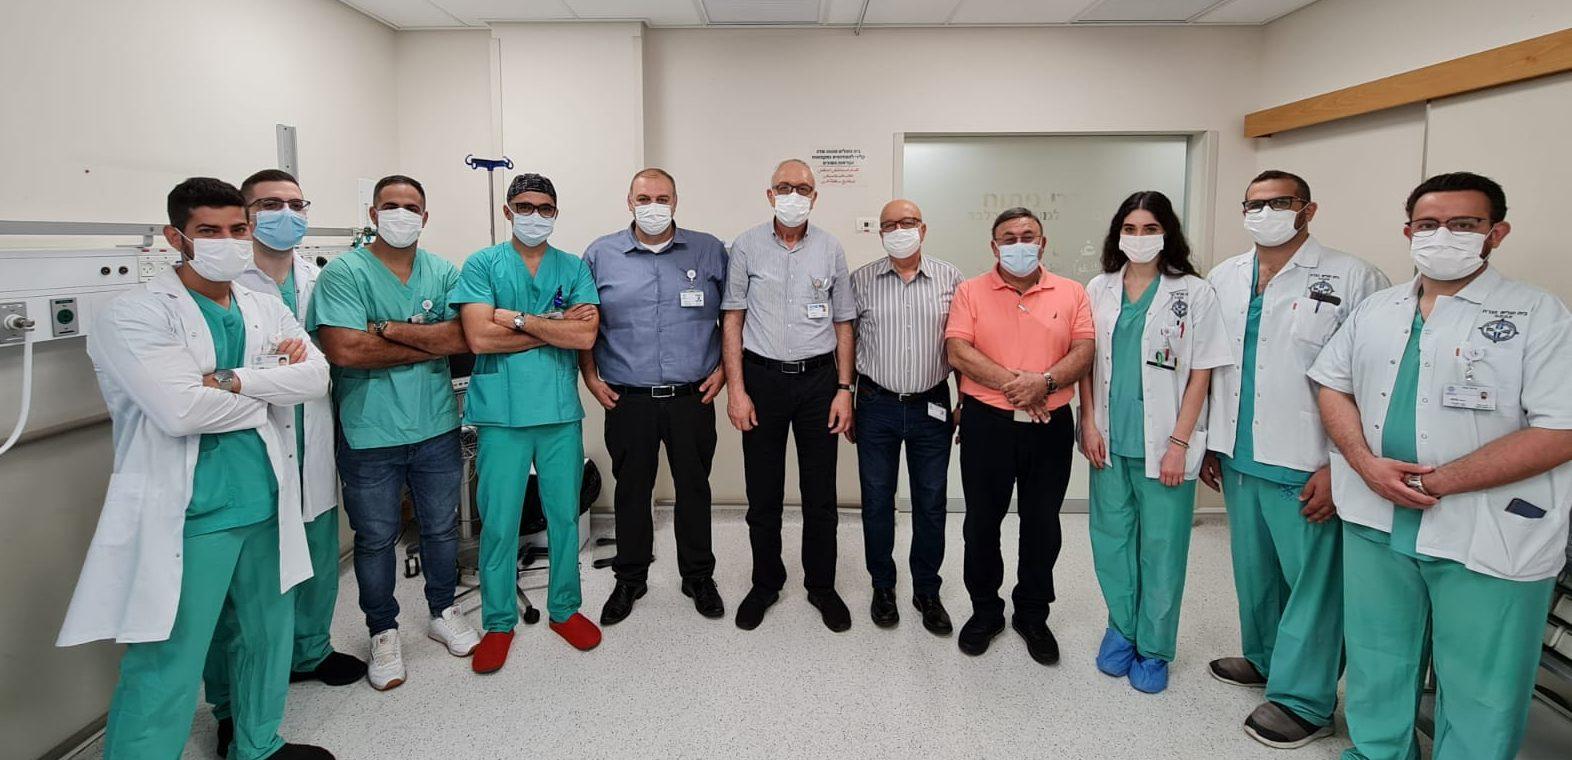 דר' ויסאם חסיב עבוד מצטרף למשפחת בית חולים נצרת